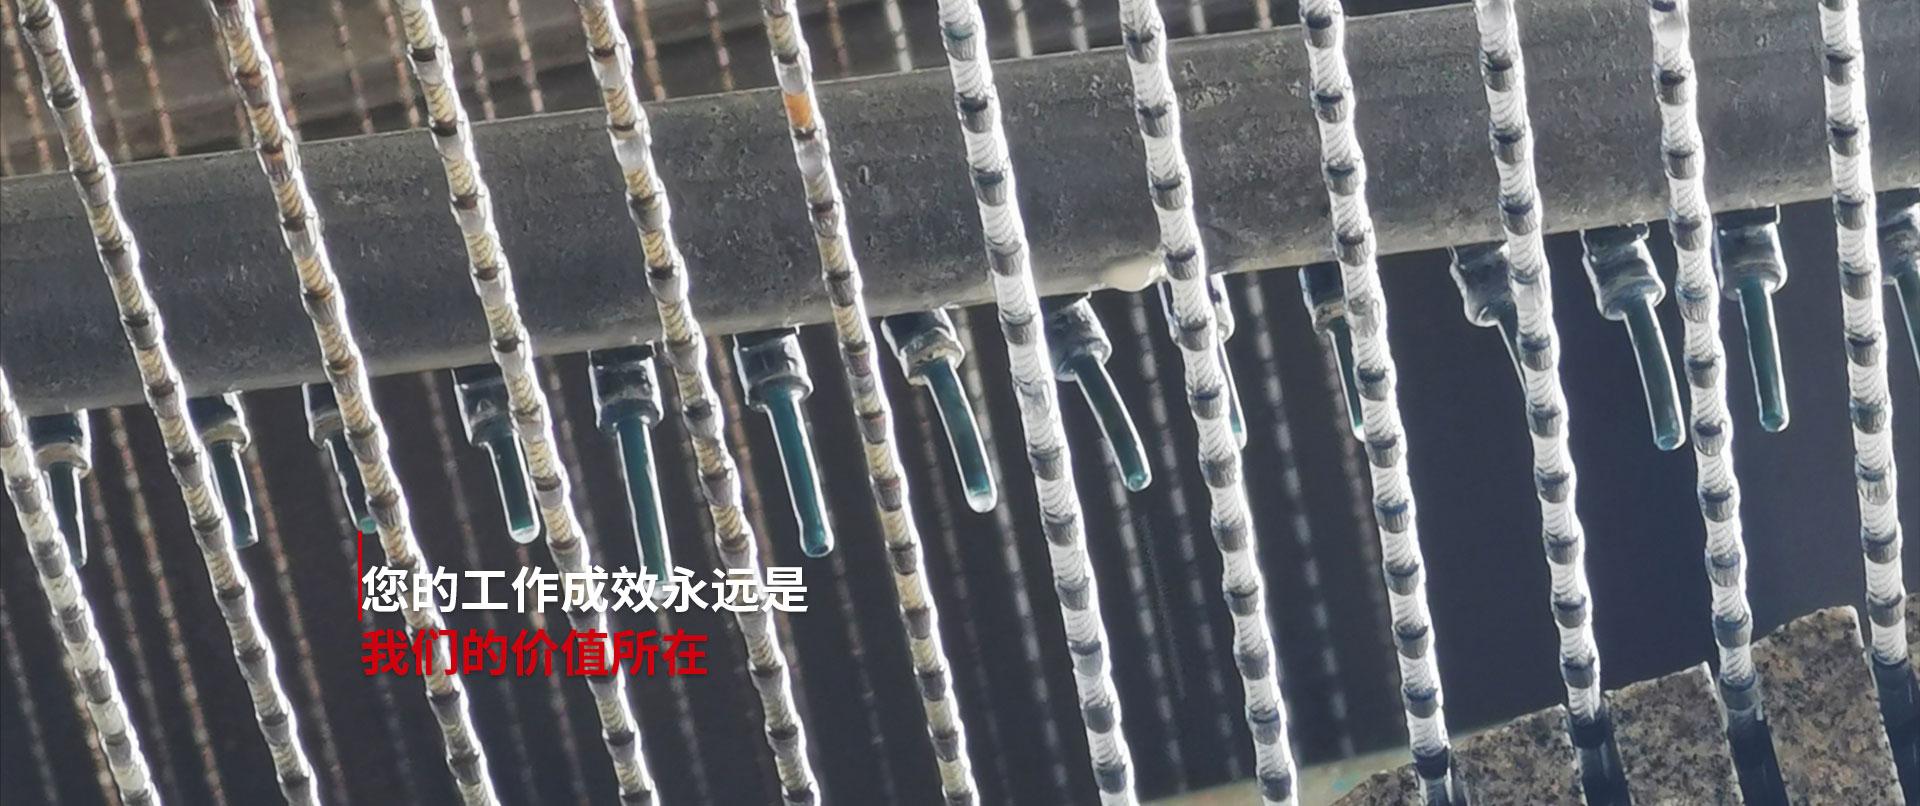 石家庄雷力工具有限公司